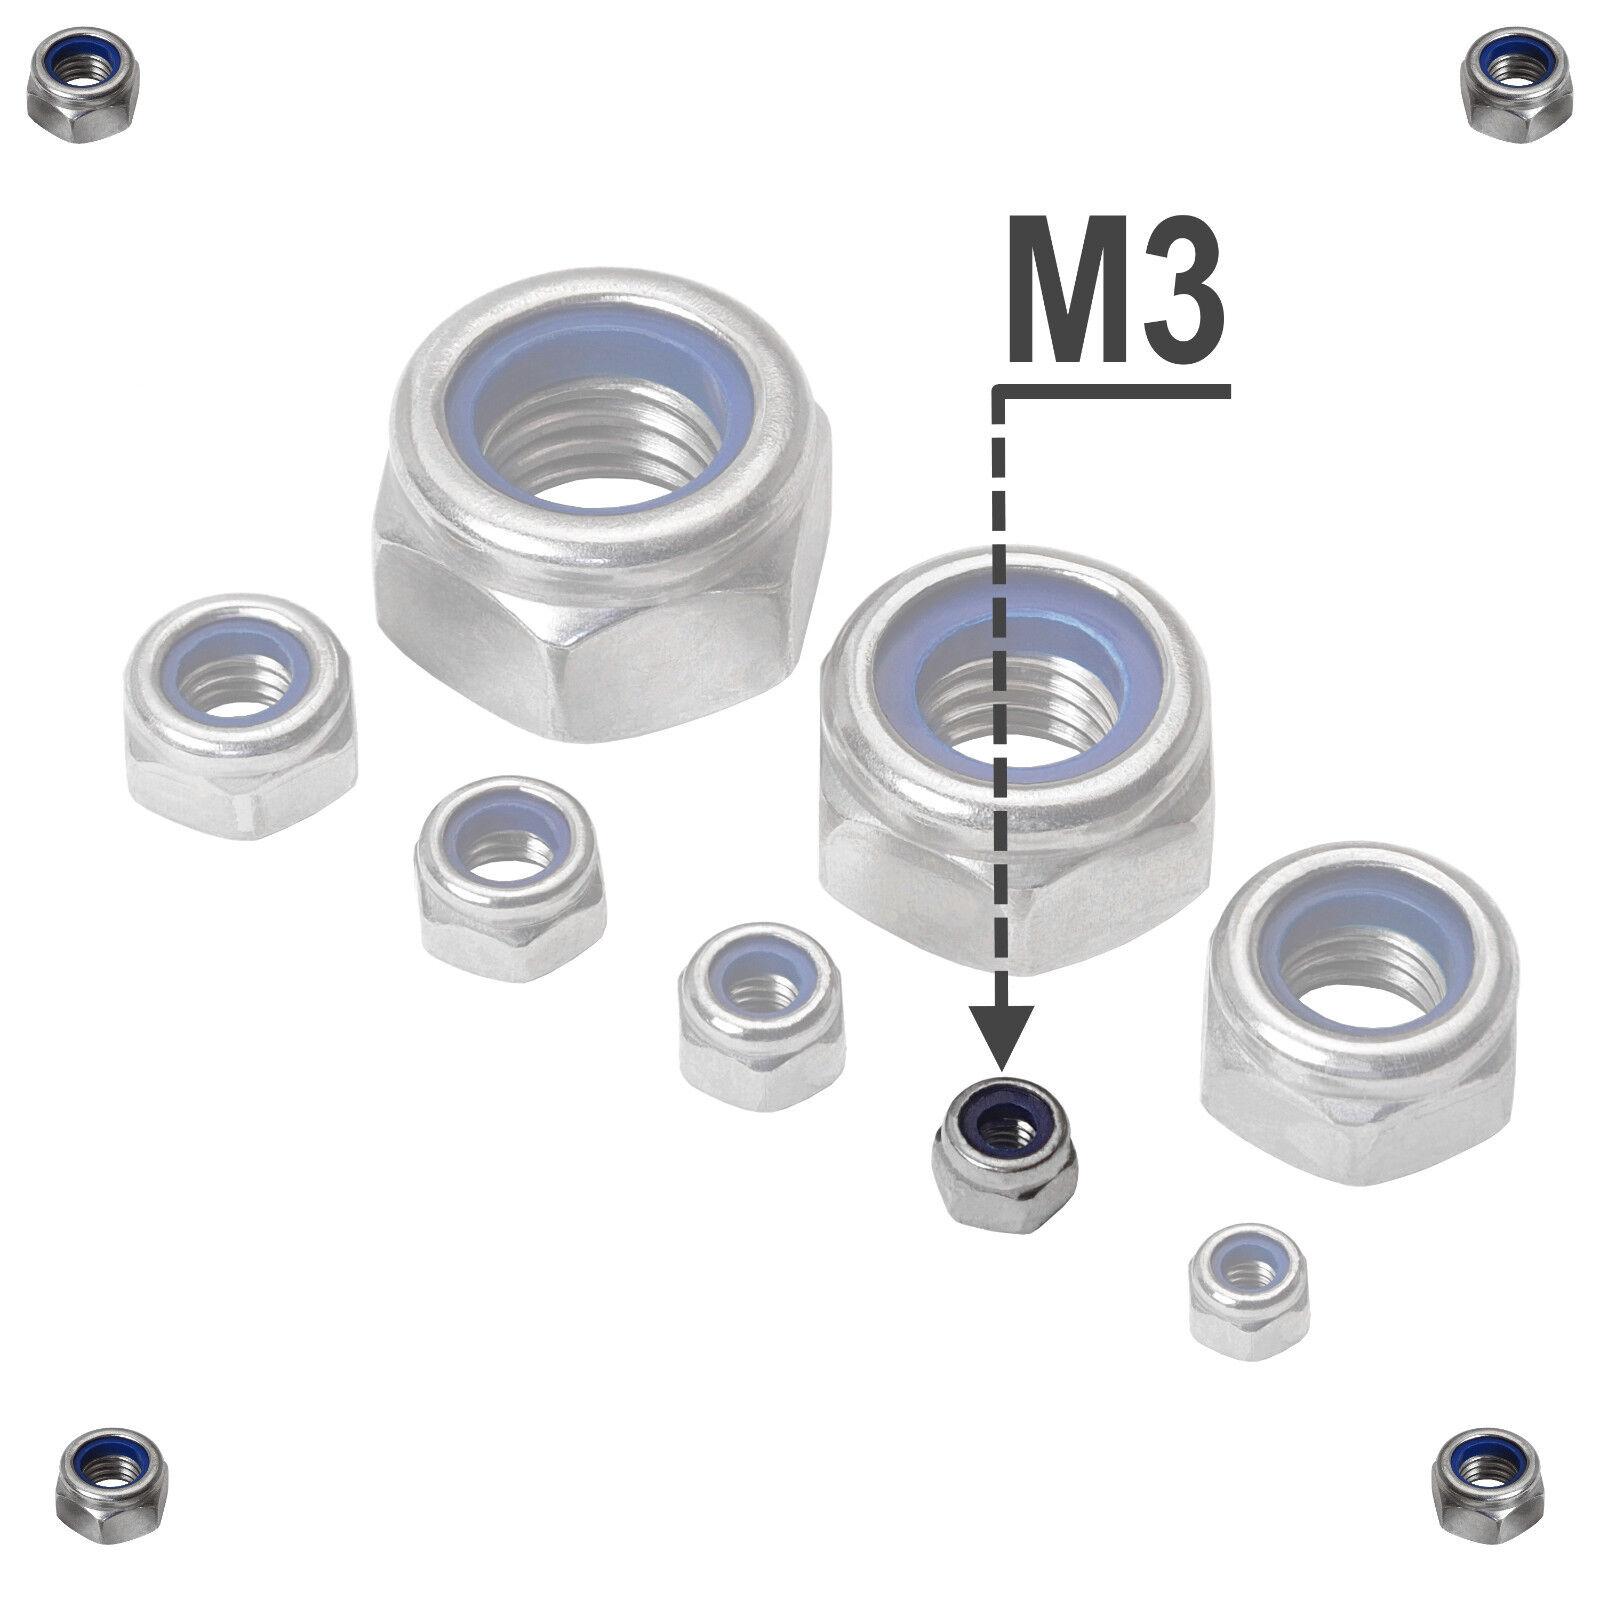 Selbstsichernde Edelstahl Sechskant Stoppmuttern DIN 985 A2 VA V2A V2A V2A M2,5-M24 | Guter weltweiter Ruf  e6e945